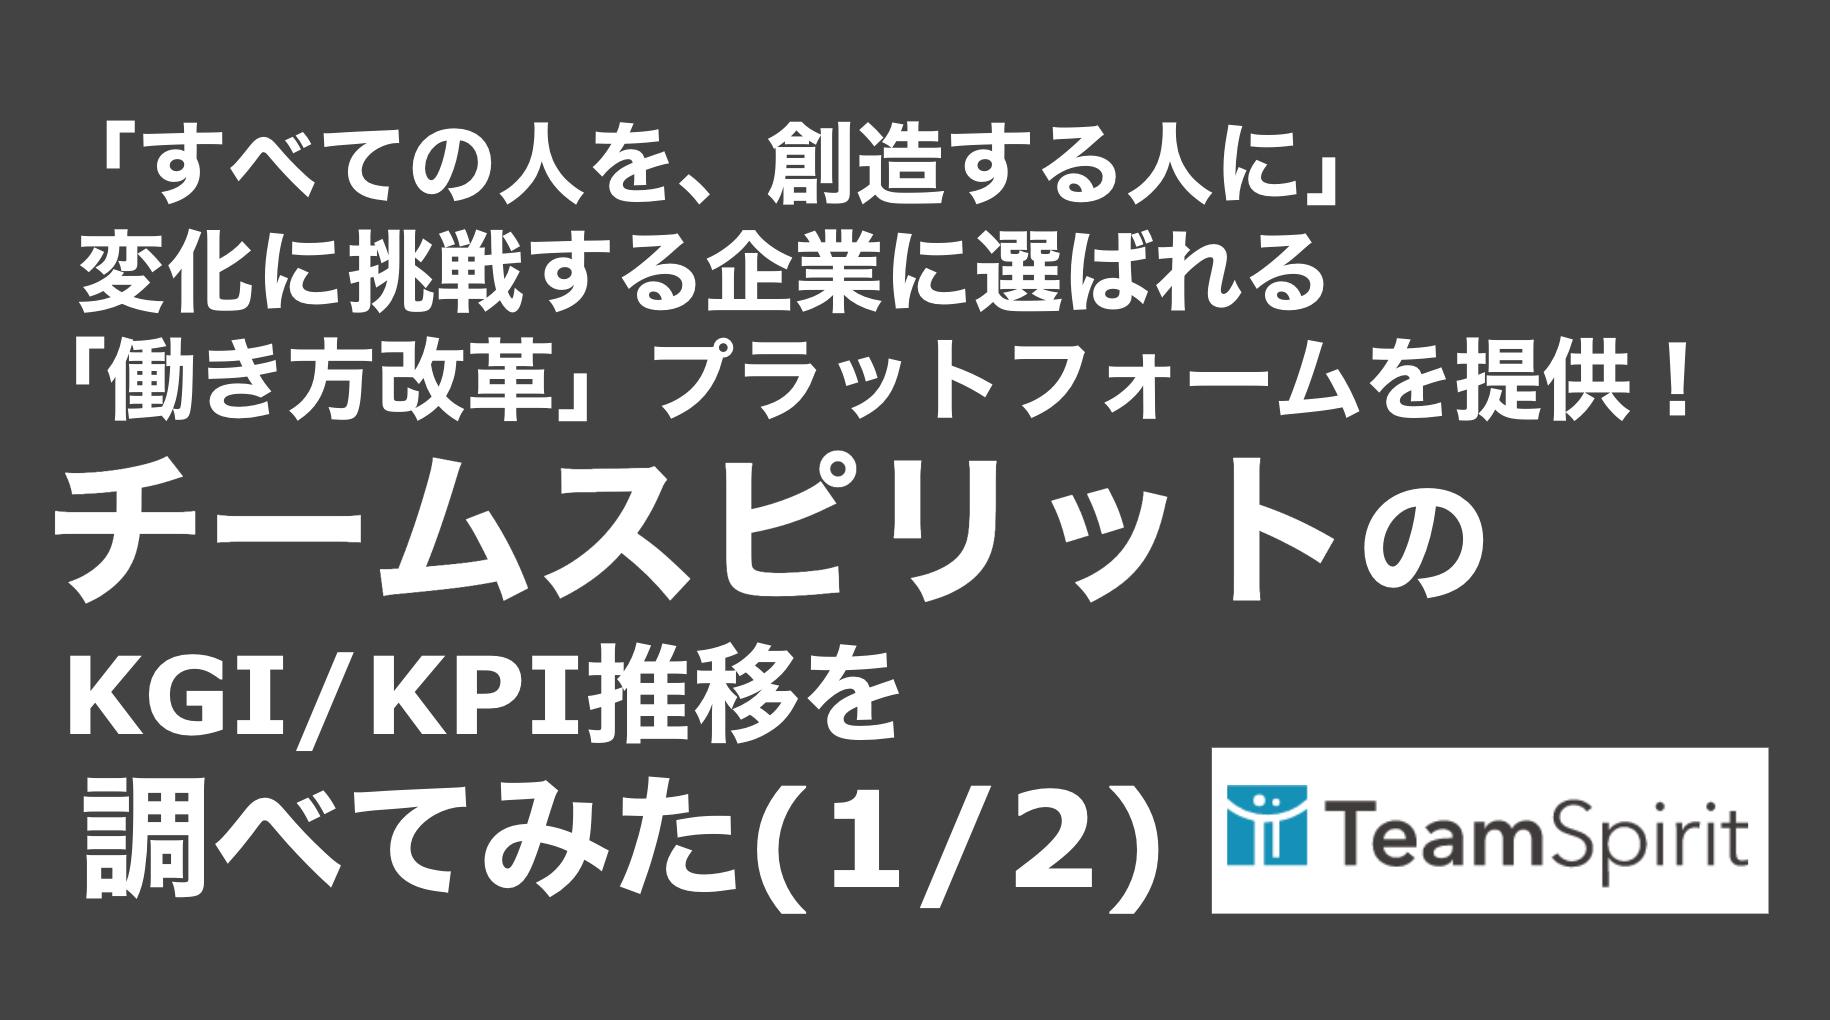 saaslife_「すべての人を、創造する人に」変化に挑戦する企業に選ばれる「働き方改革」プラットフォームを提供!チームスピリットのKGI/KPI推移を調べてみた(1/2)